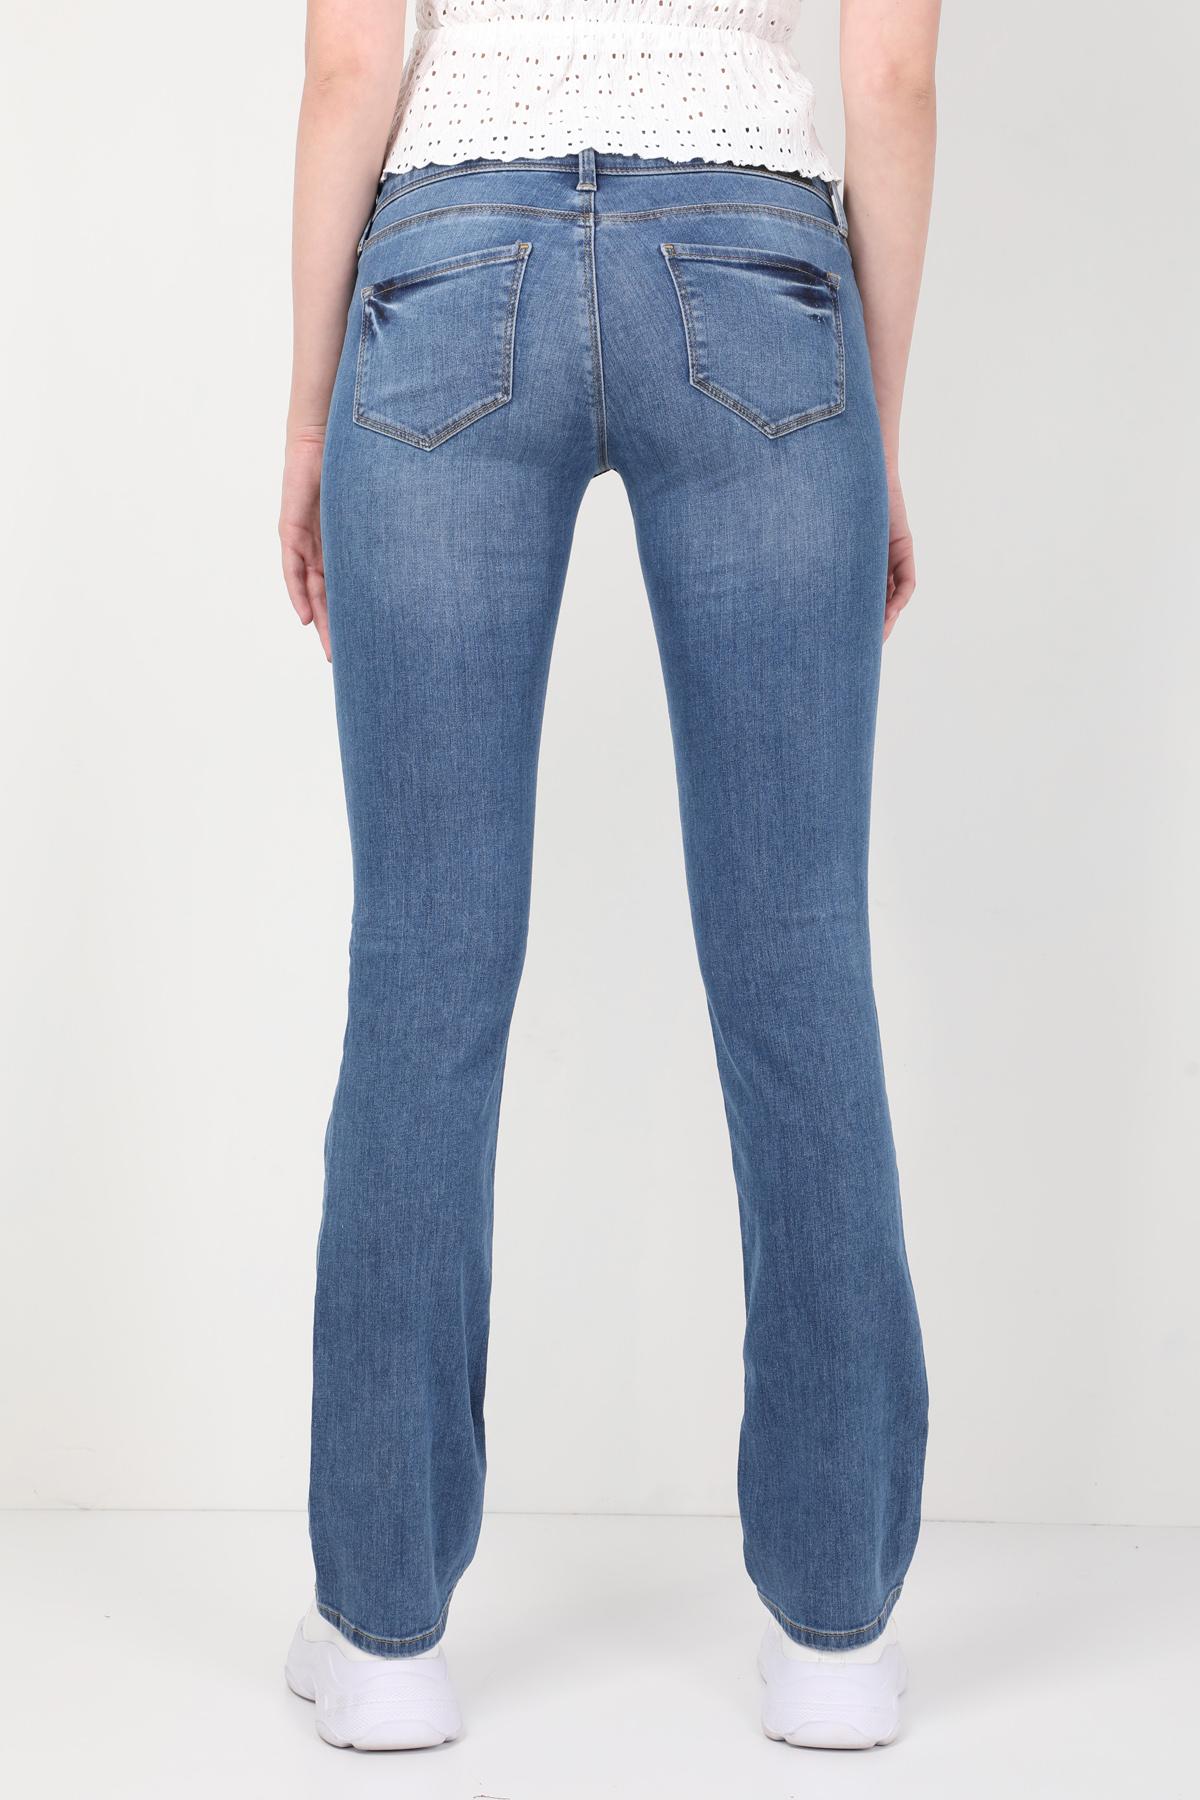 Blue Eyes Kadın Jean Pantolon